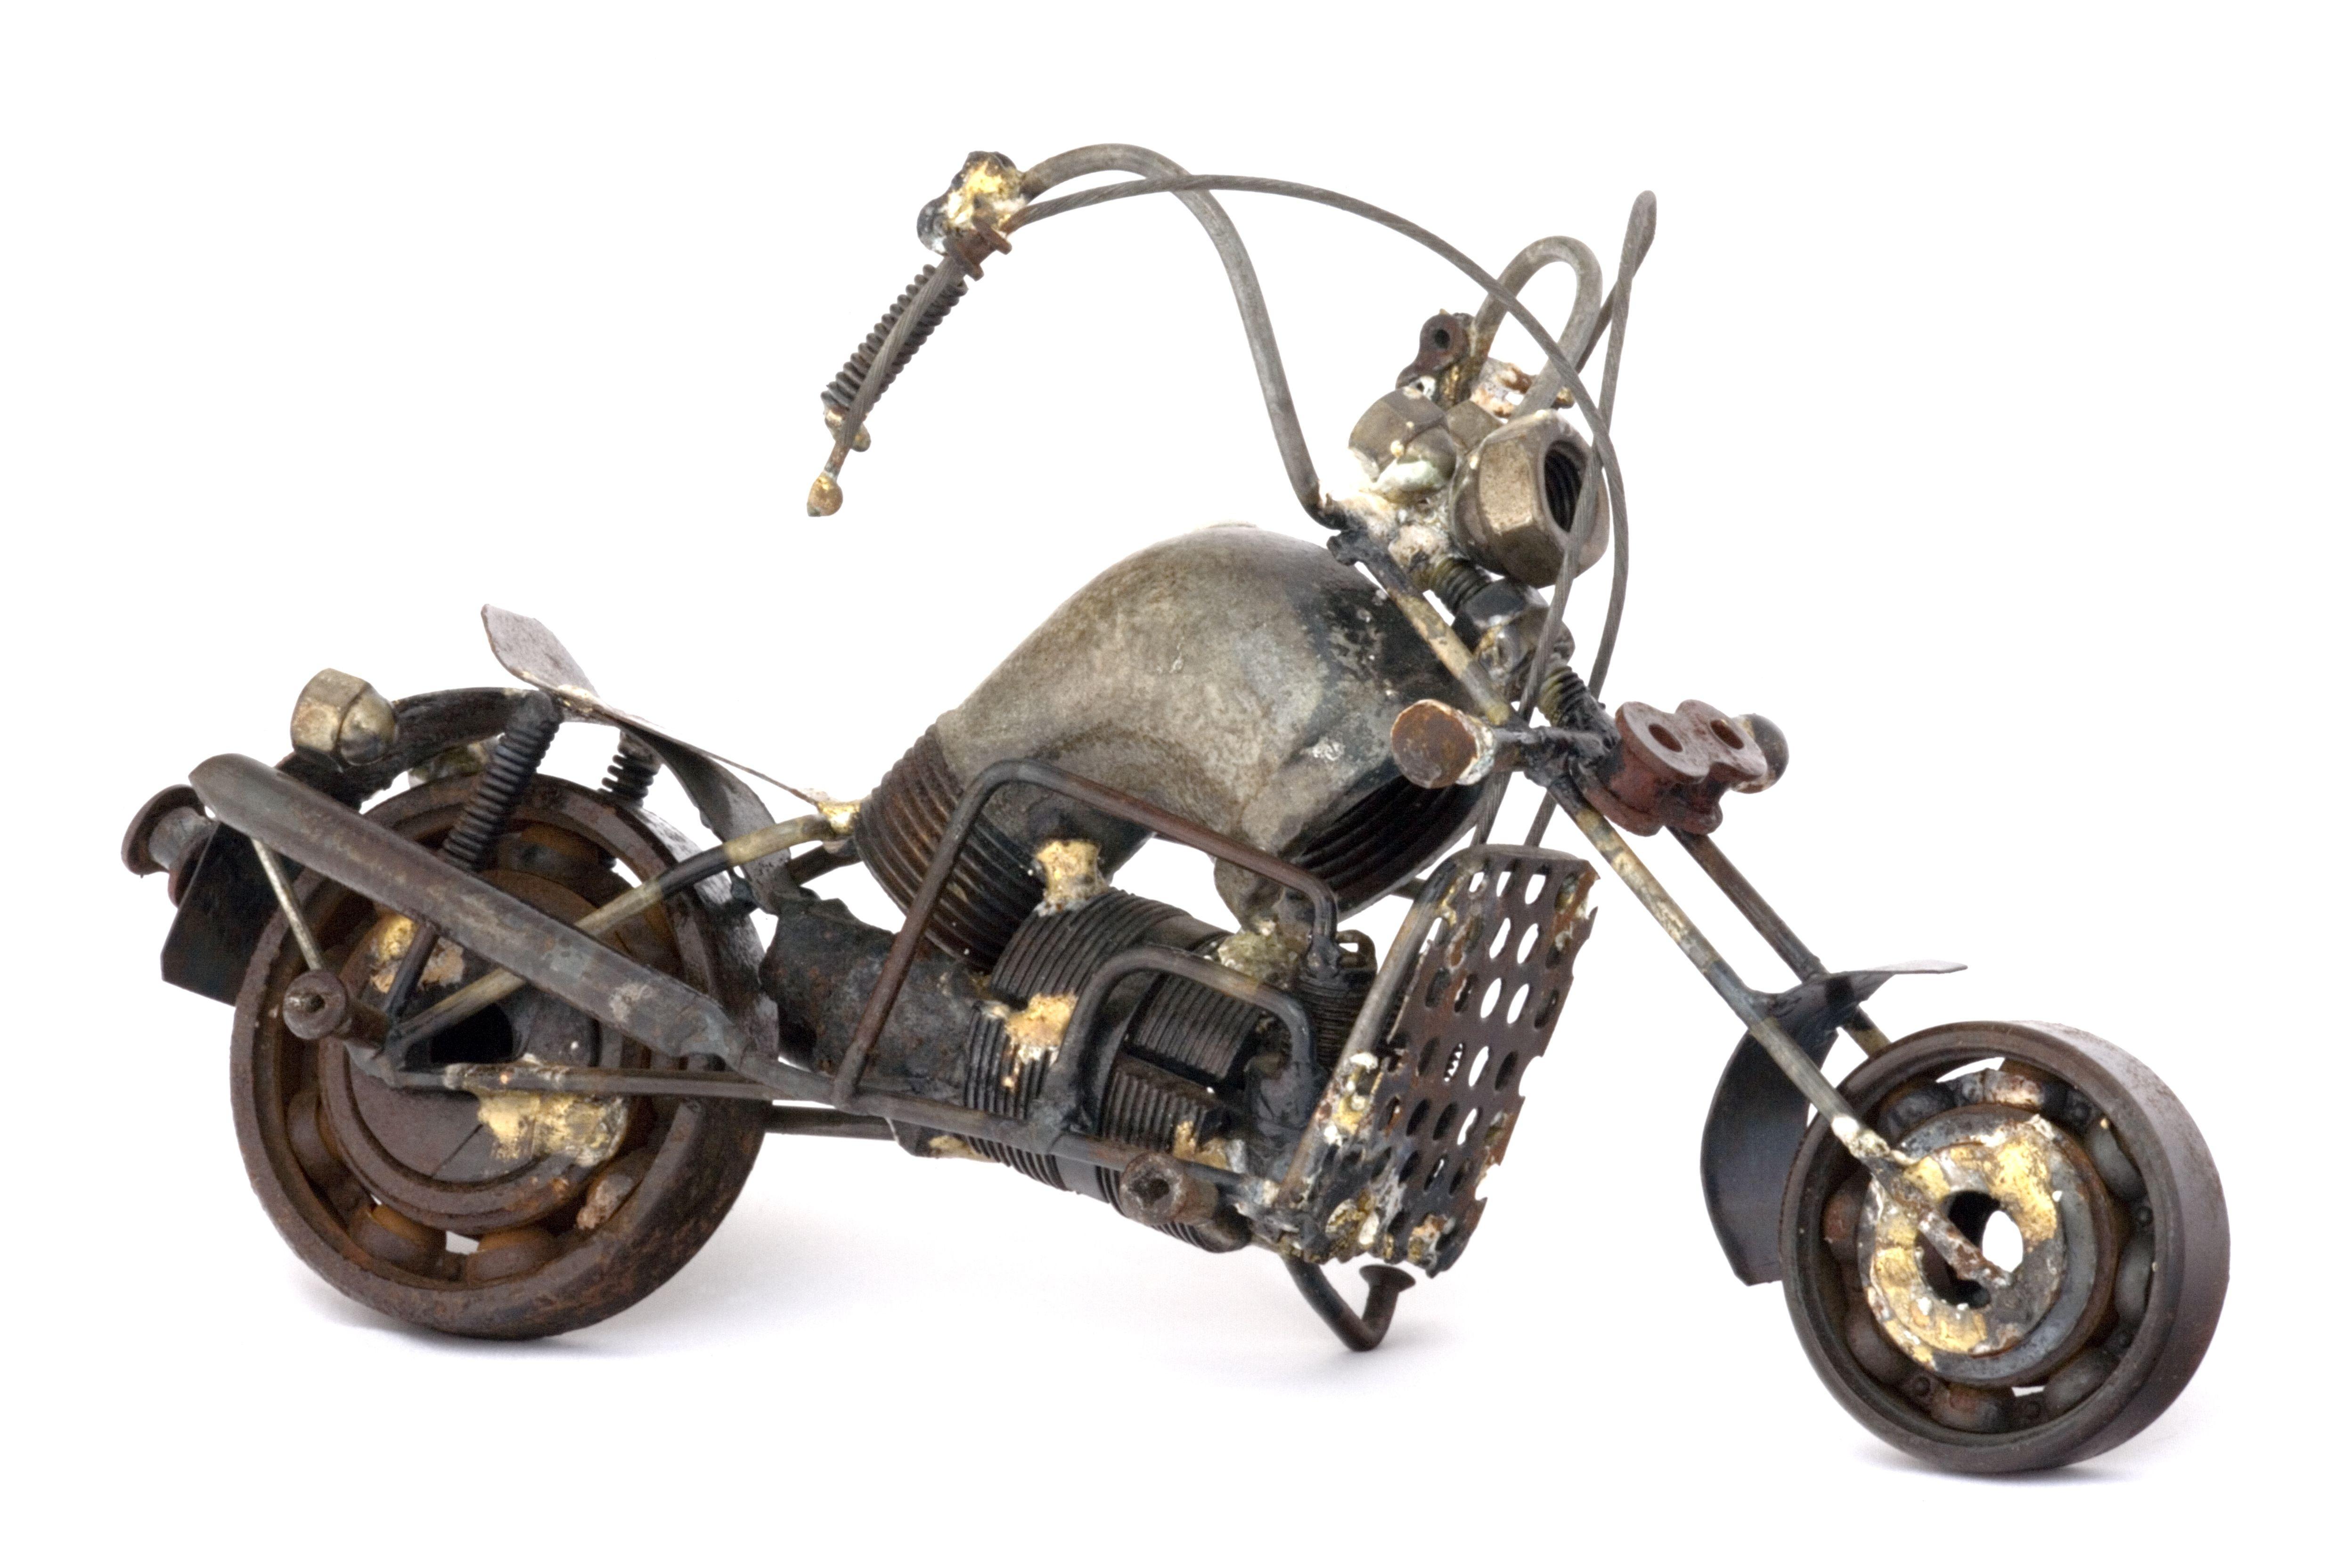 バイクの廃車・処分にかかる費用まとめ